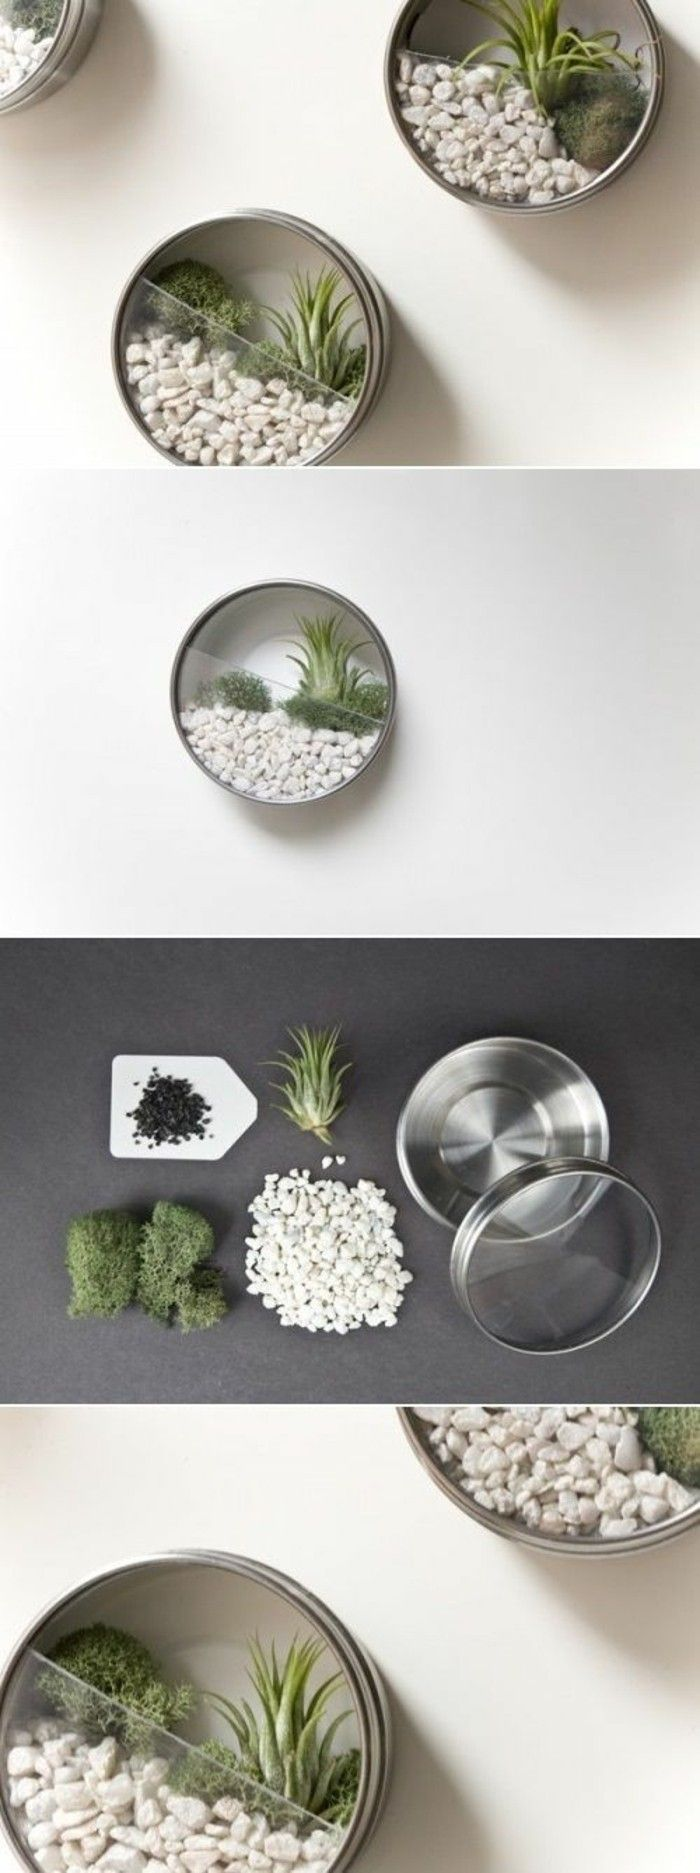 brattoli-in-latta-riciclo-fai-da-te-idea-giardino-miniatura-sassolini-piantine